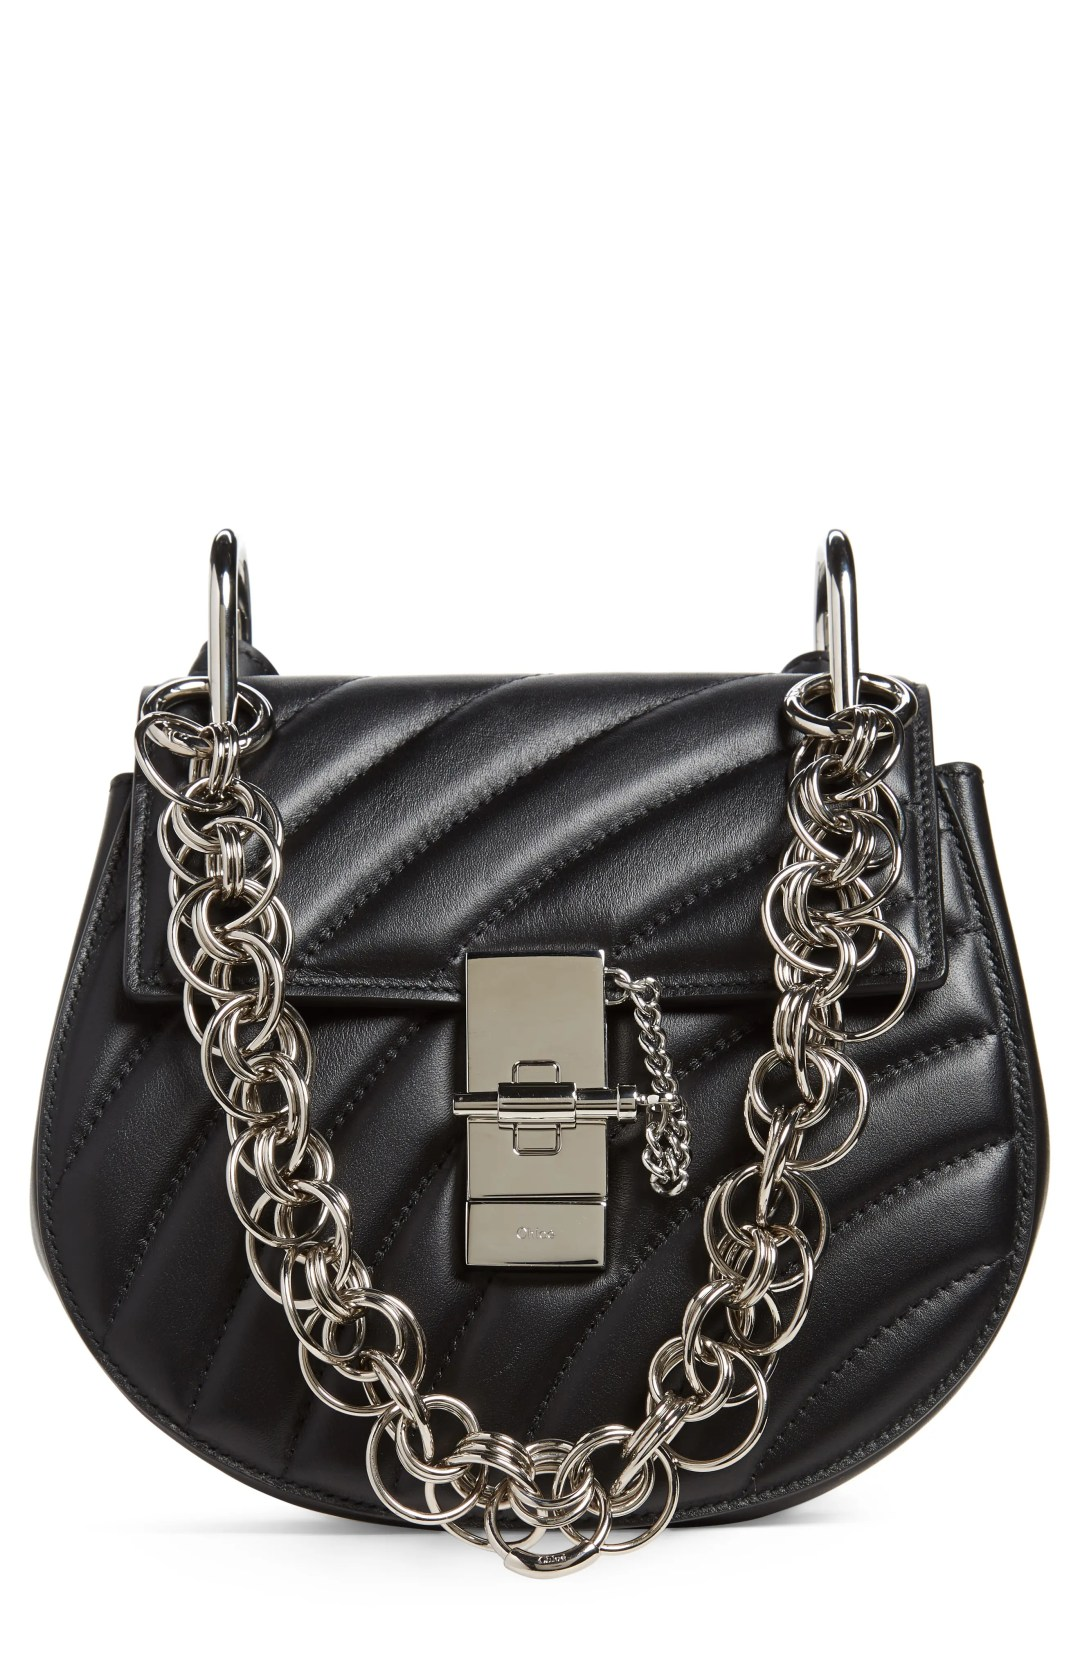 Chloé Mini Drew Bijoux Leather Shoulder Bag f1861b3d15965